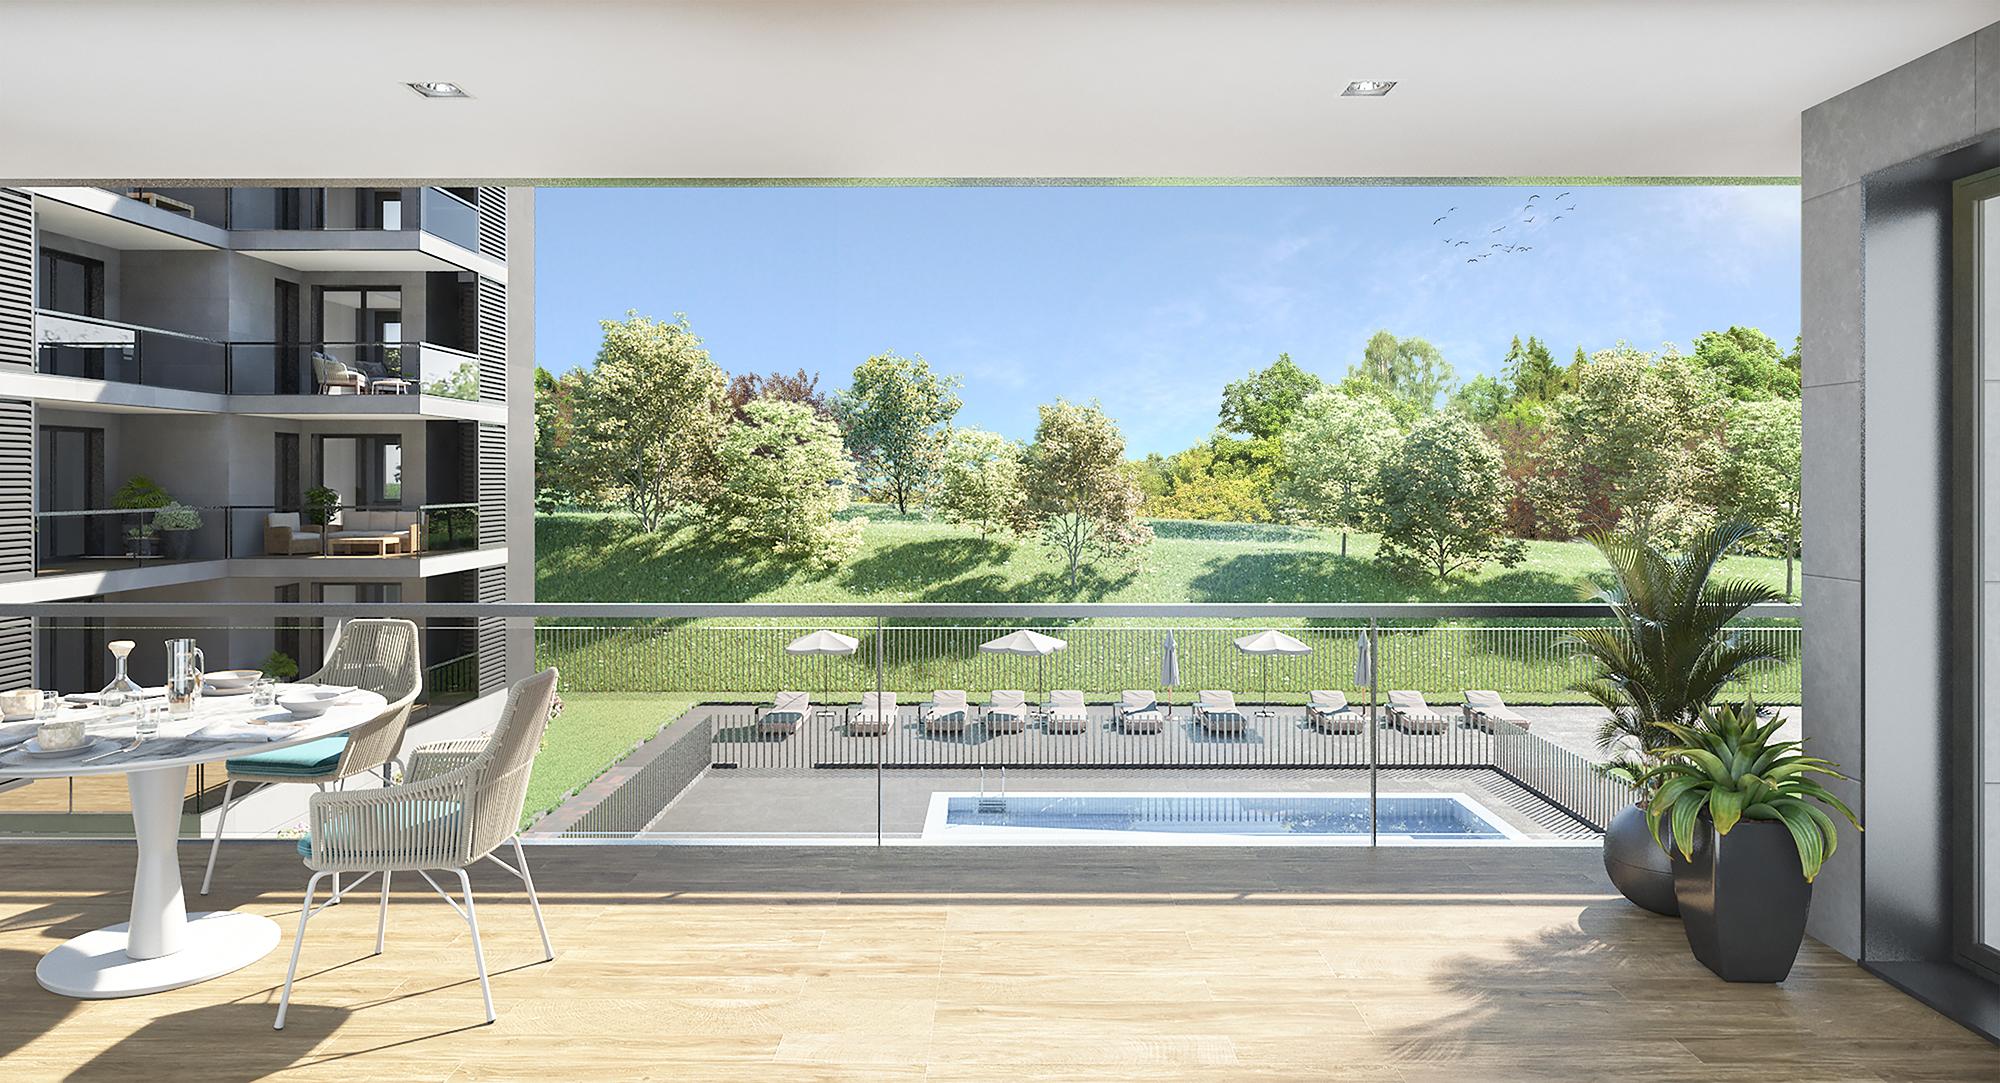 Nueva Promocion!Ultimas viviendas, A estrenar en 2021, Residencial Recondo, Urbanizacion con Piscina.Viviendas confortables y funcionales!! Reserva ya la tuya.Informate!!